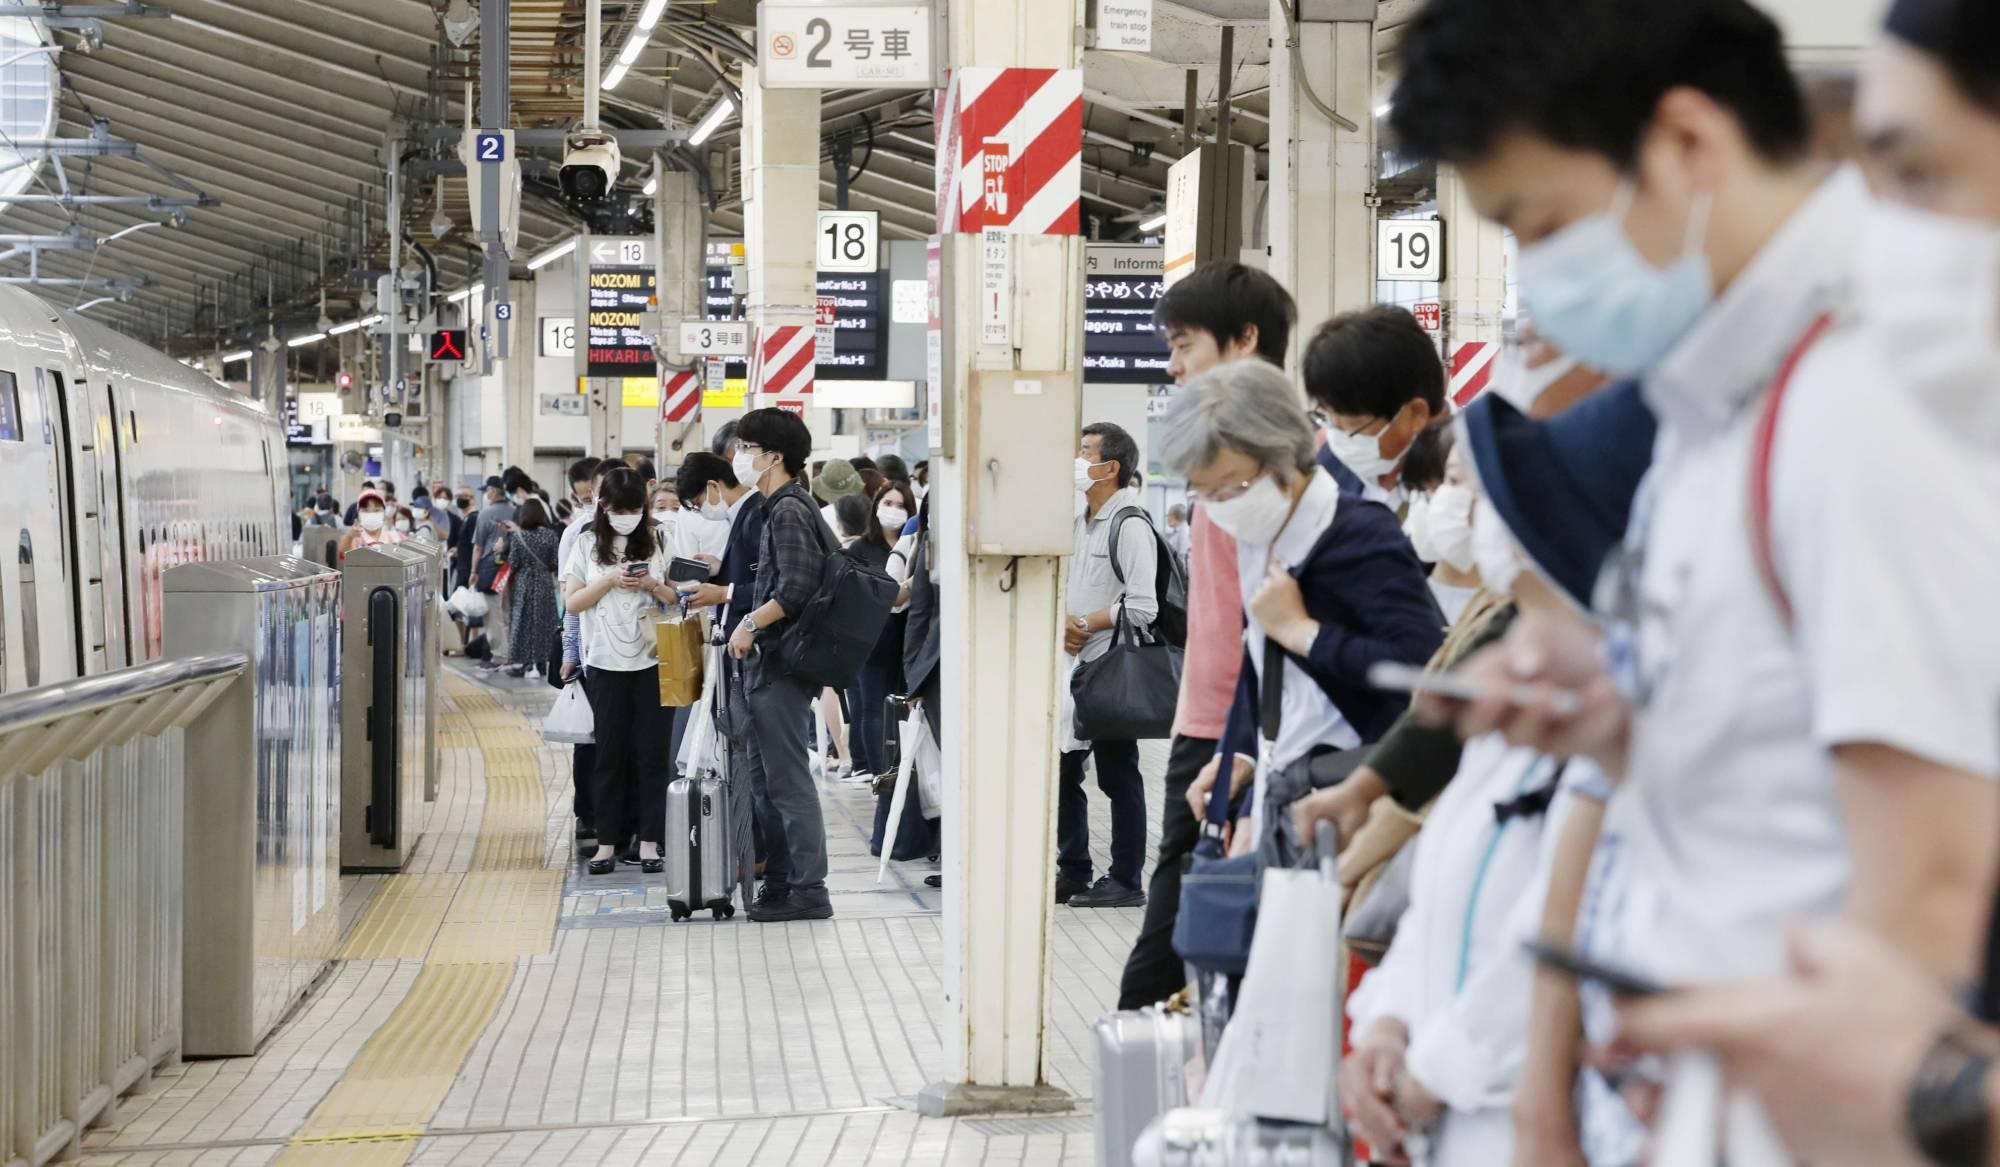 जापानमा राजधानी आउने भन्दा छाड्ने व्यवसायी र बासिन्दा बढे